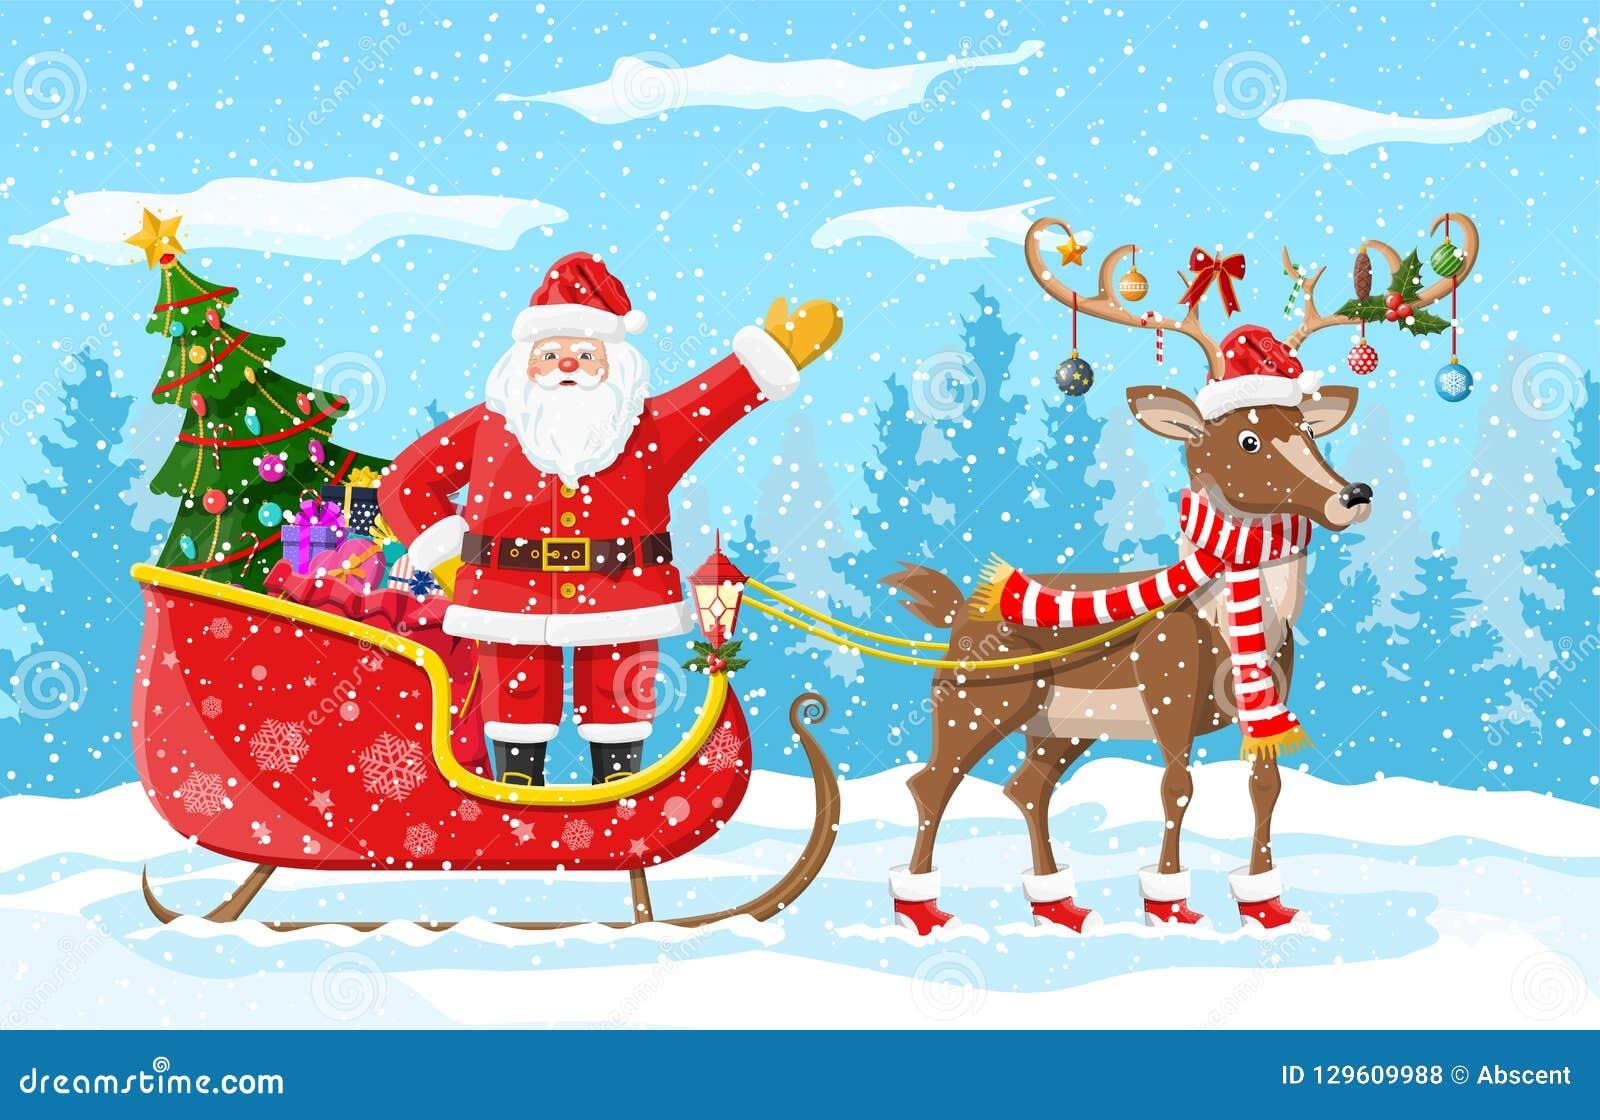 Babbo Natale Con Le Renne Immagini.Albero Di Natale Il Babbo Natale Con La Slitta Della Renna